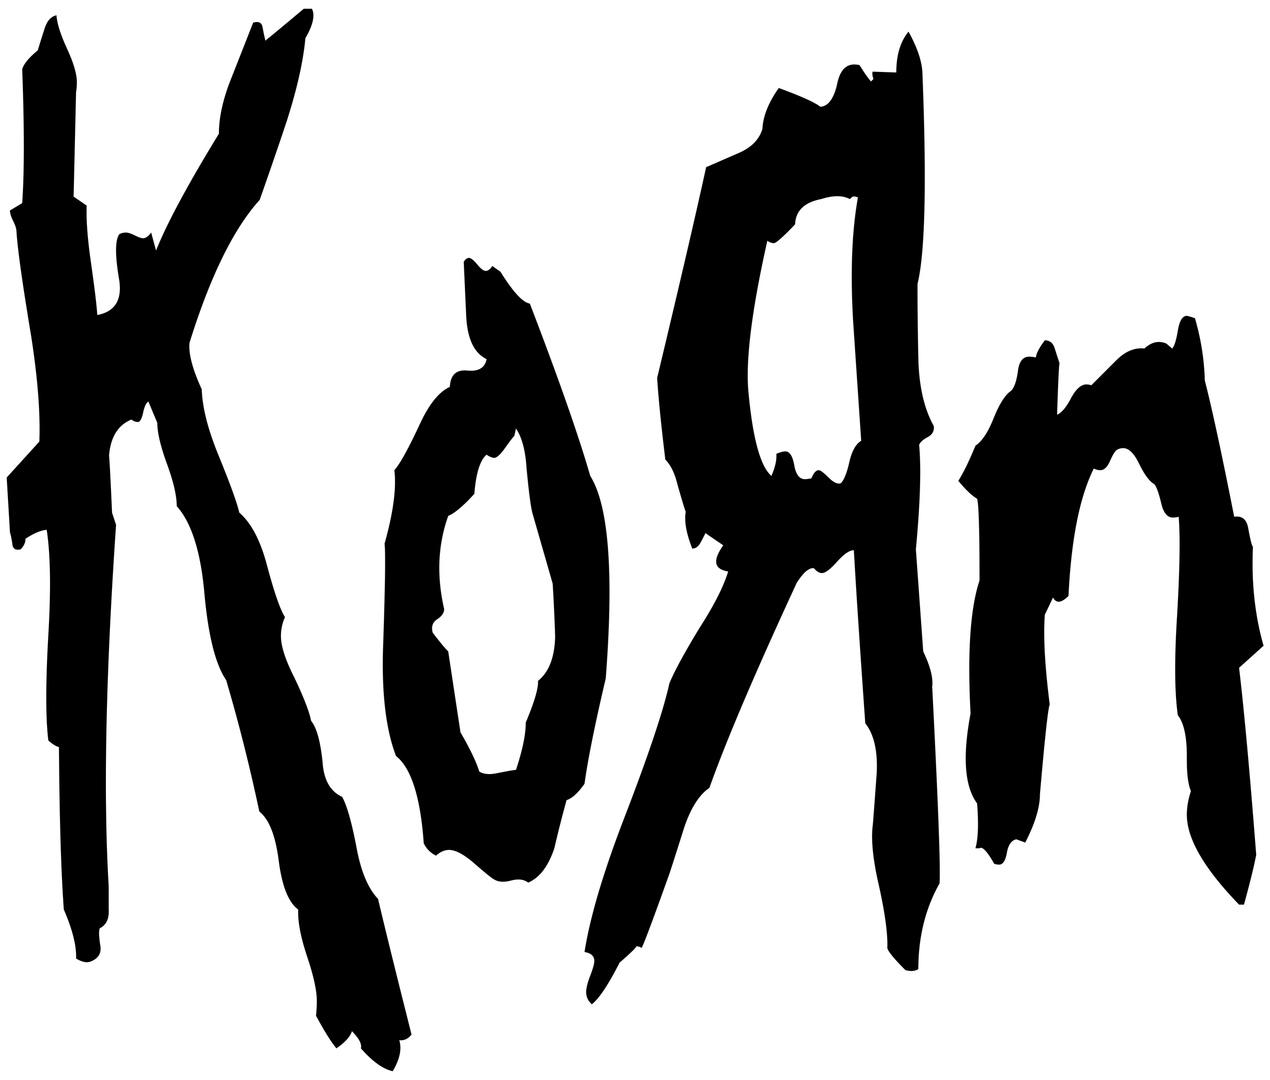 Дискография Korn 1993 - 2019